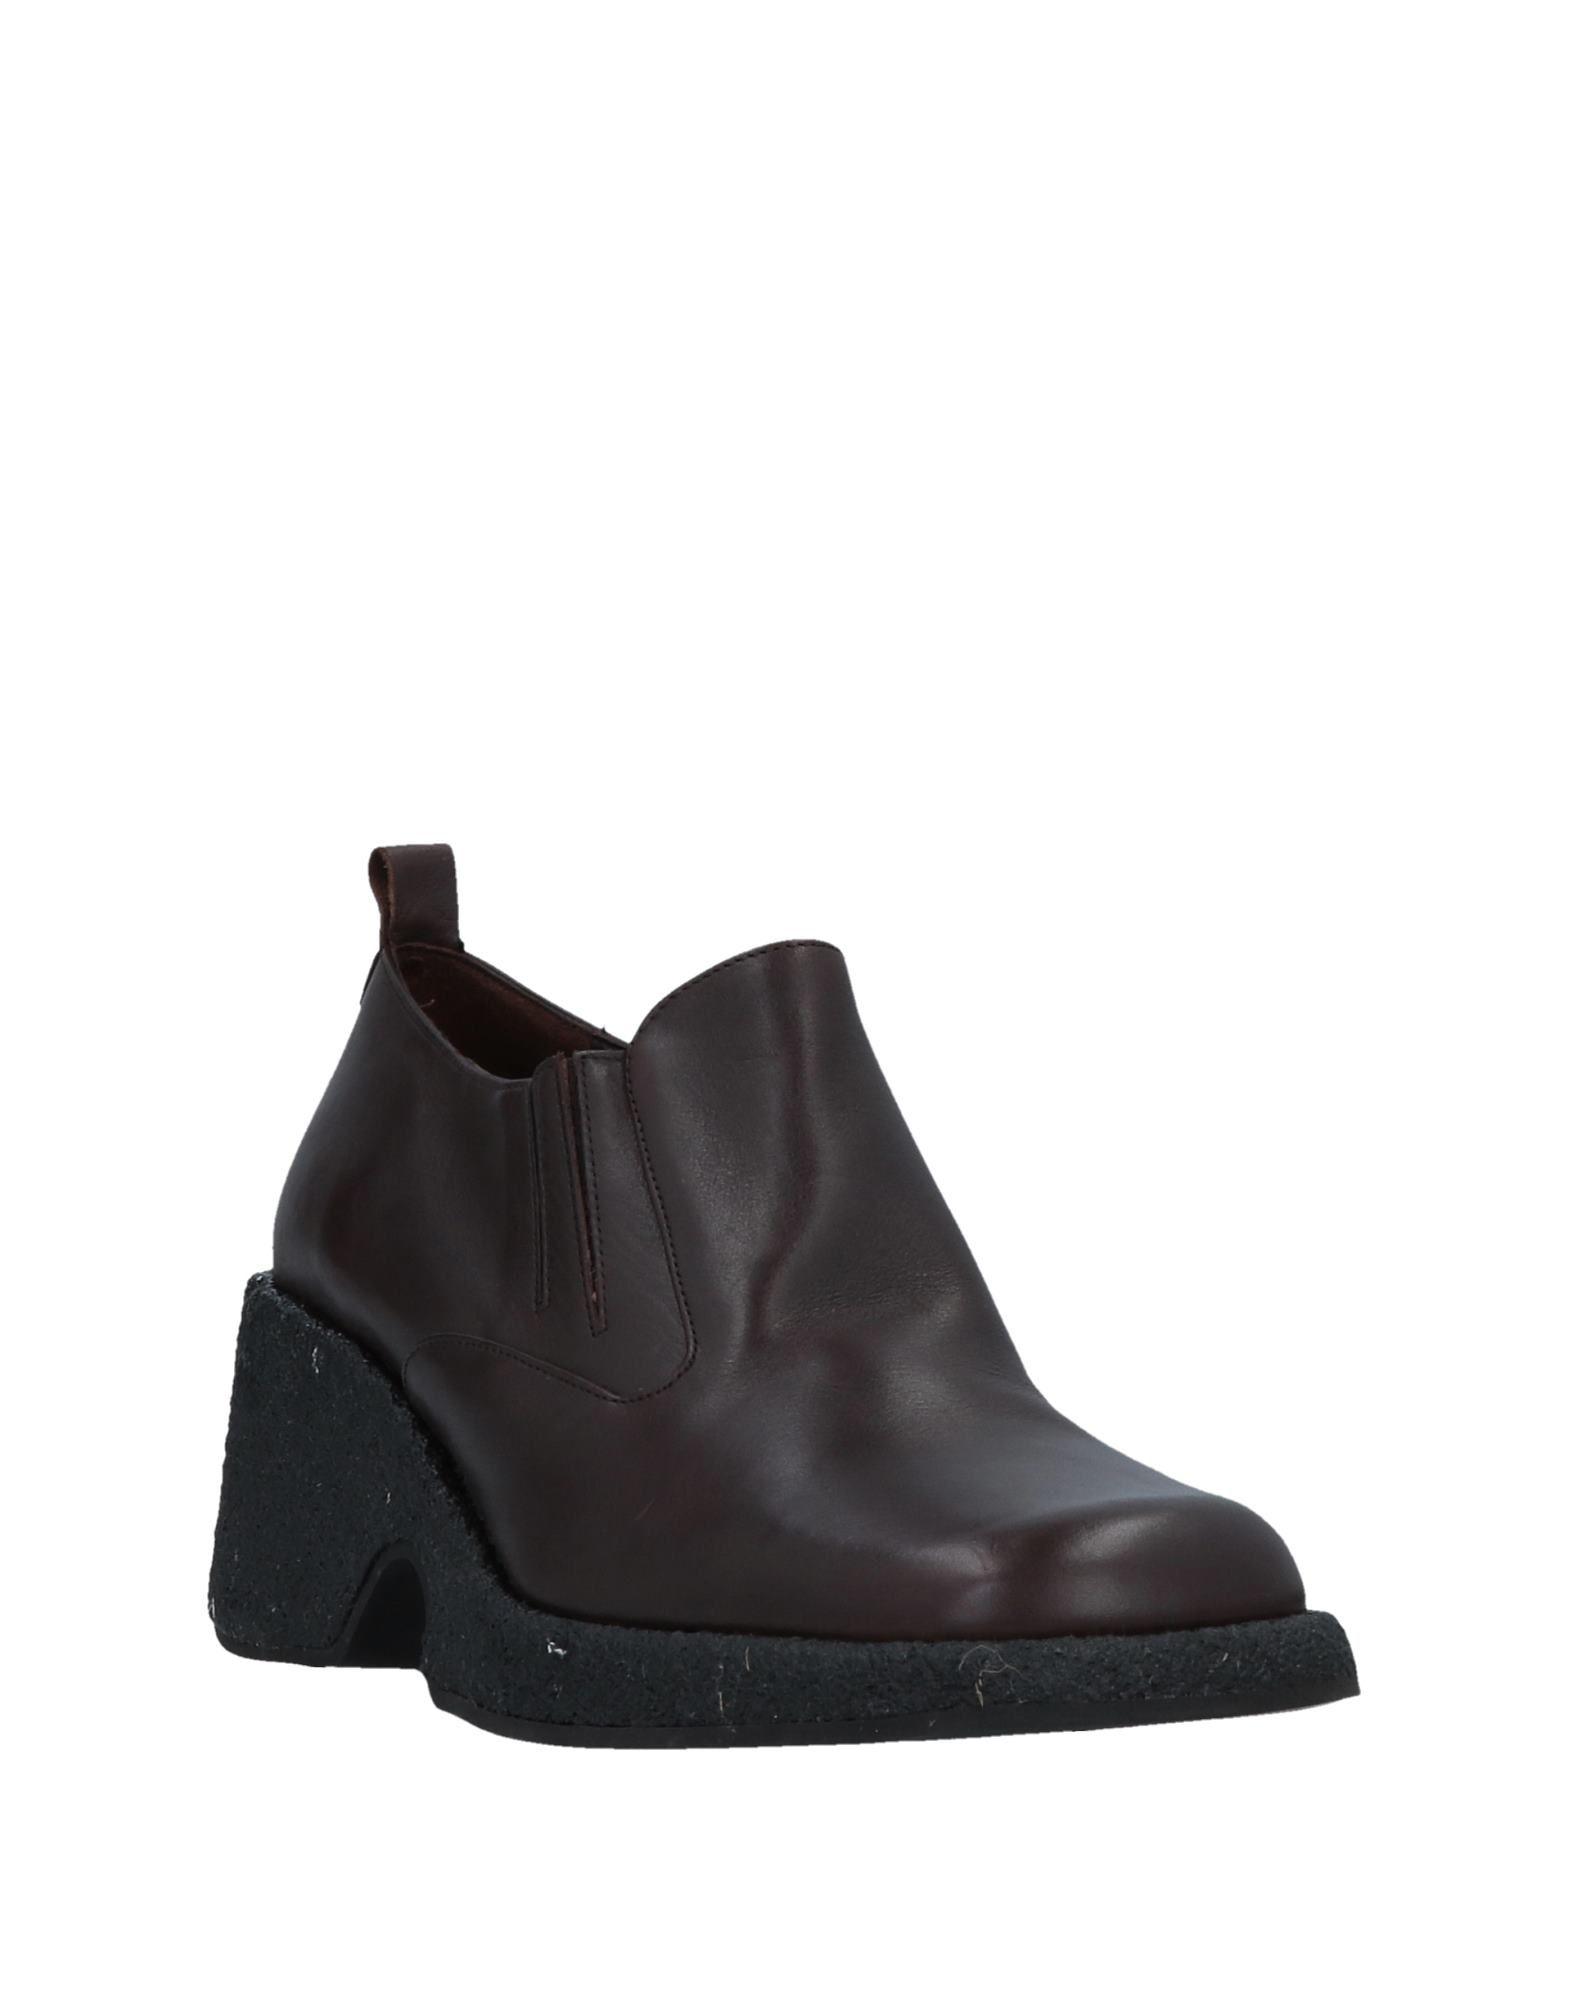 Stilvolle Stiefelette billige Schuhe Alberto Gozzi Stiefelette Stilvolle Damen  11509342EW 13f8b9